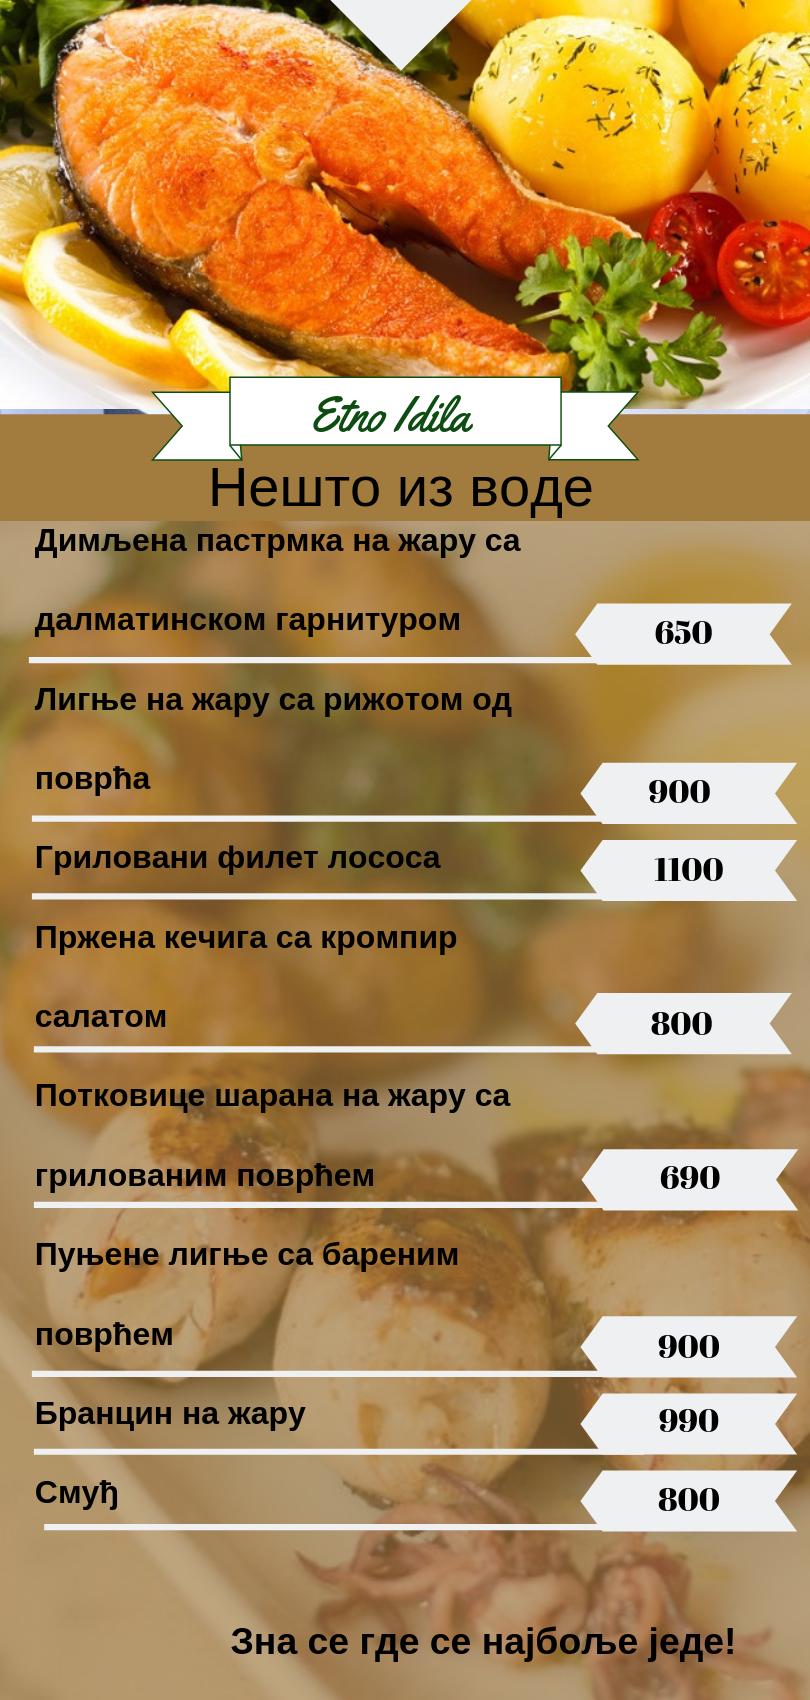 etno idila hrana(8)